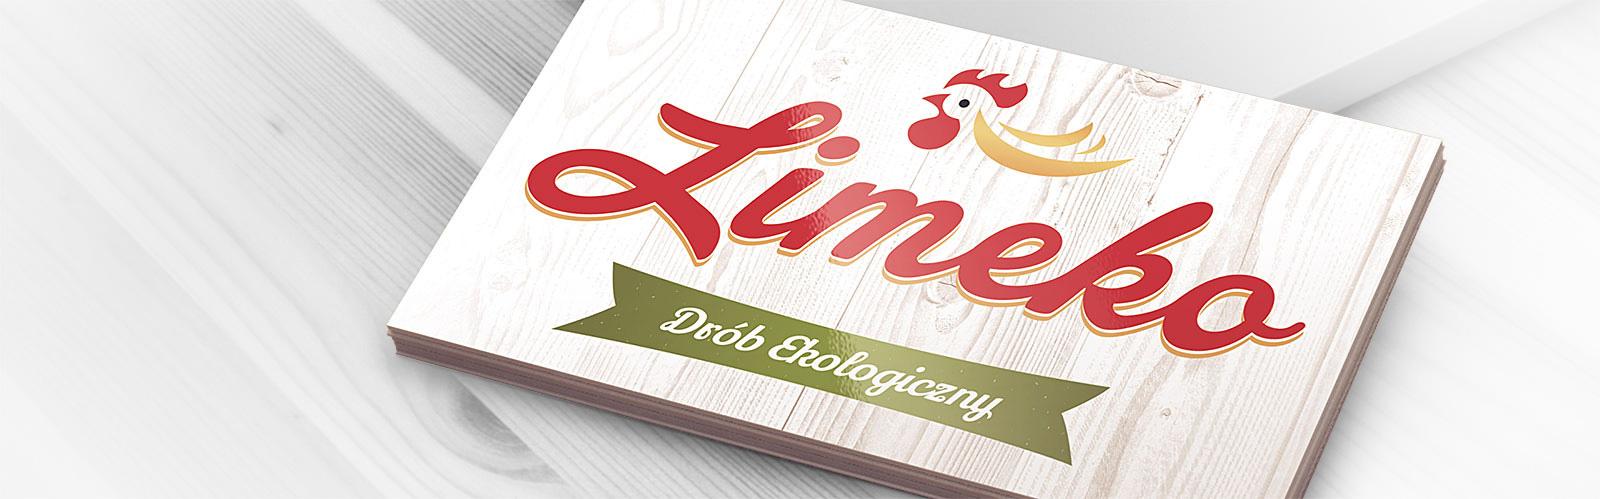 Materiały promocyjne / <span>Limeko</span>